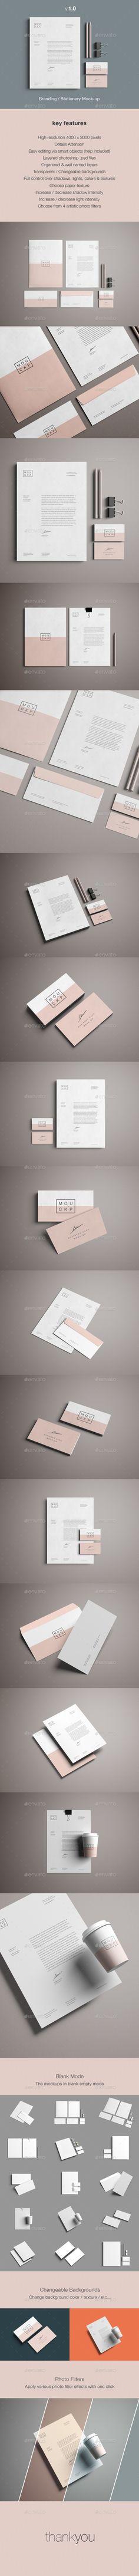 Stationery & Branding Mockup. Download here: http://graphicriver.net/item/stationery-branding-mockup/16816059?ref=ksioks